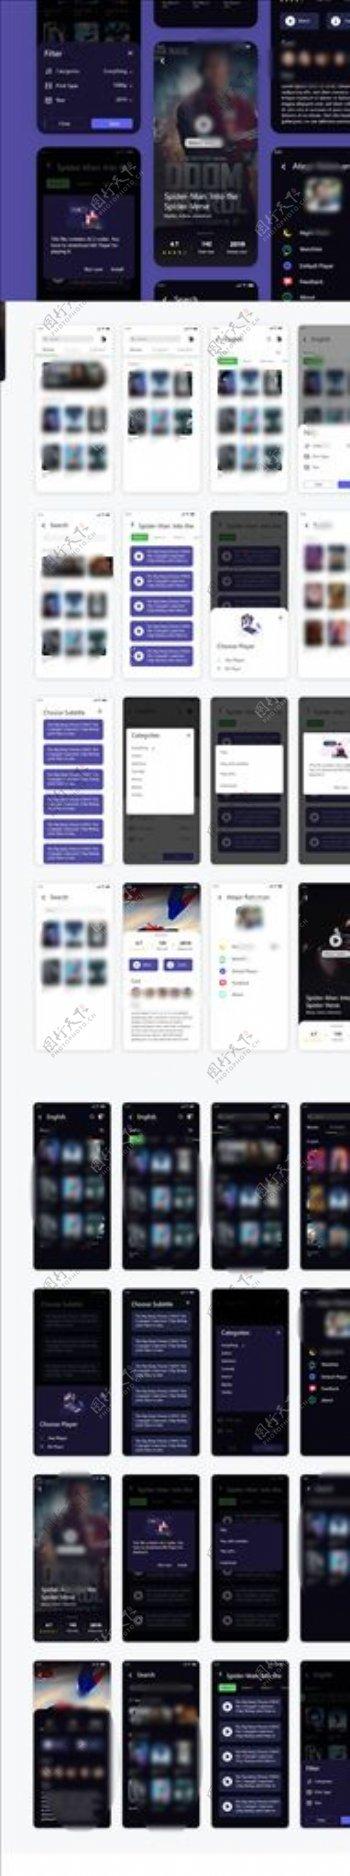 xd视频明暗两种主题风格UI设图片